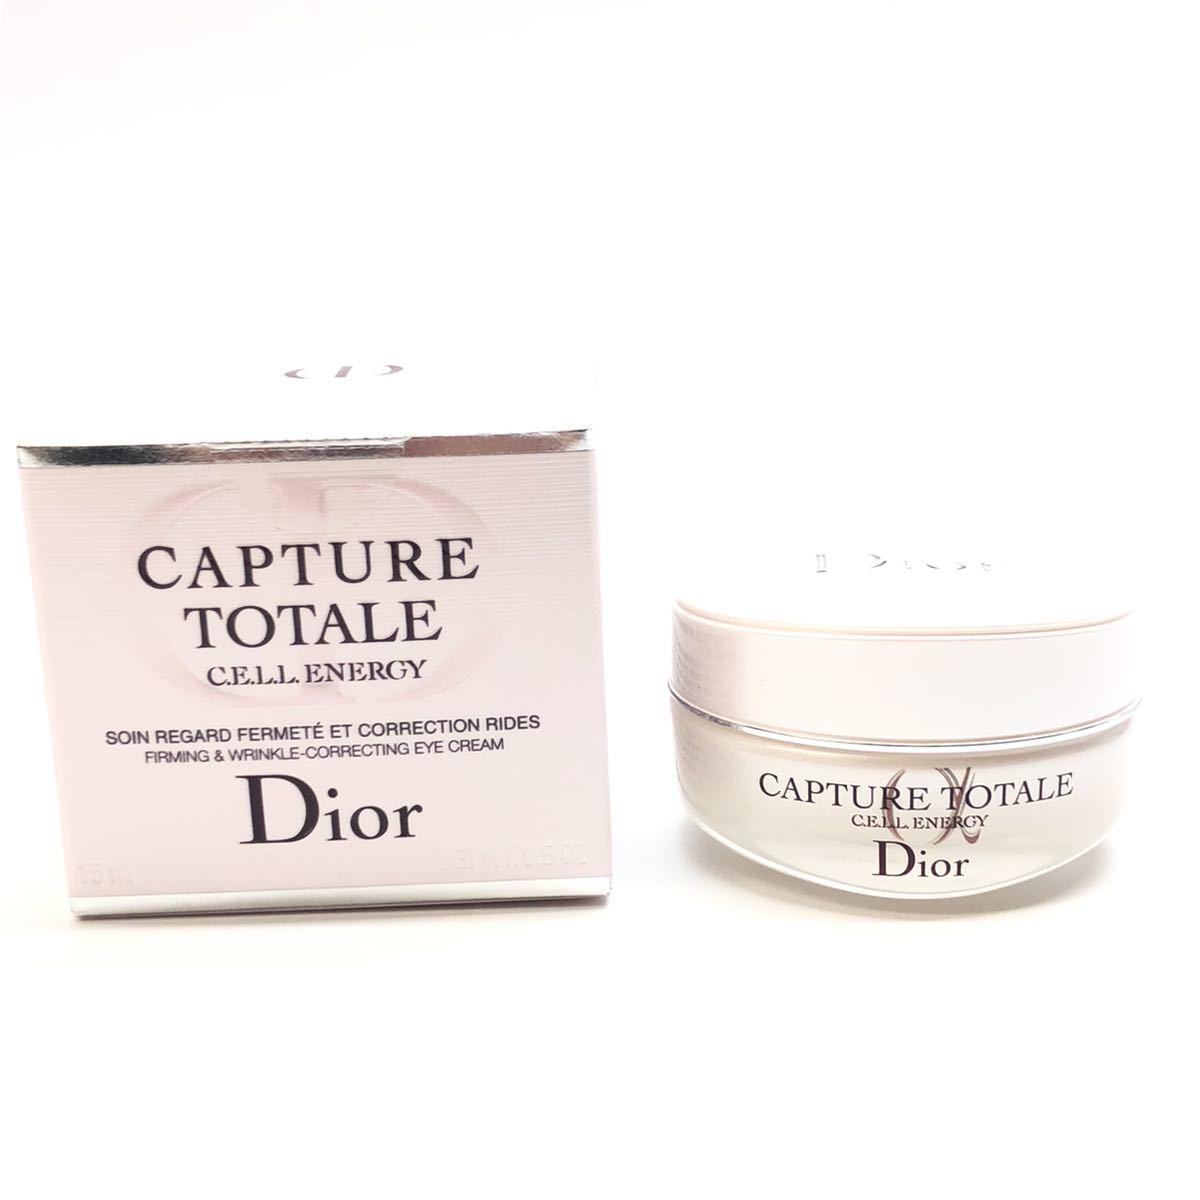 Dior ディオール カプチュール トータル セル ENGY アイクリーム 15ml 未使用品 化粧品 コスメ レディース アイメイク 管理HS21001238